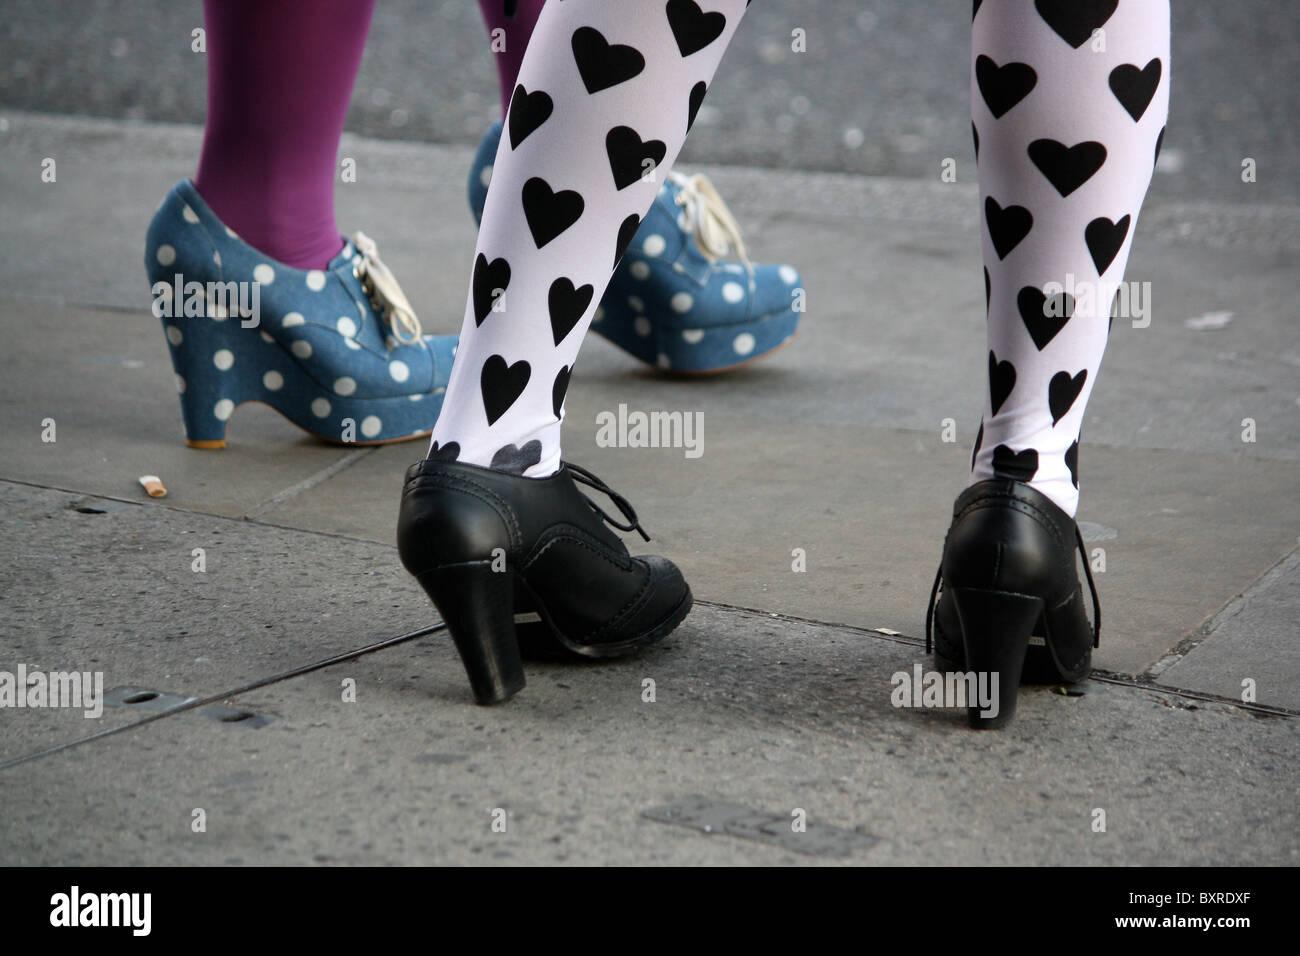 Blick auf Frauen stehen auf der Straße tragen modische Strumpfhosen und Rockabilly Schuhe beschnitten Stockbild